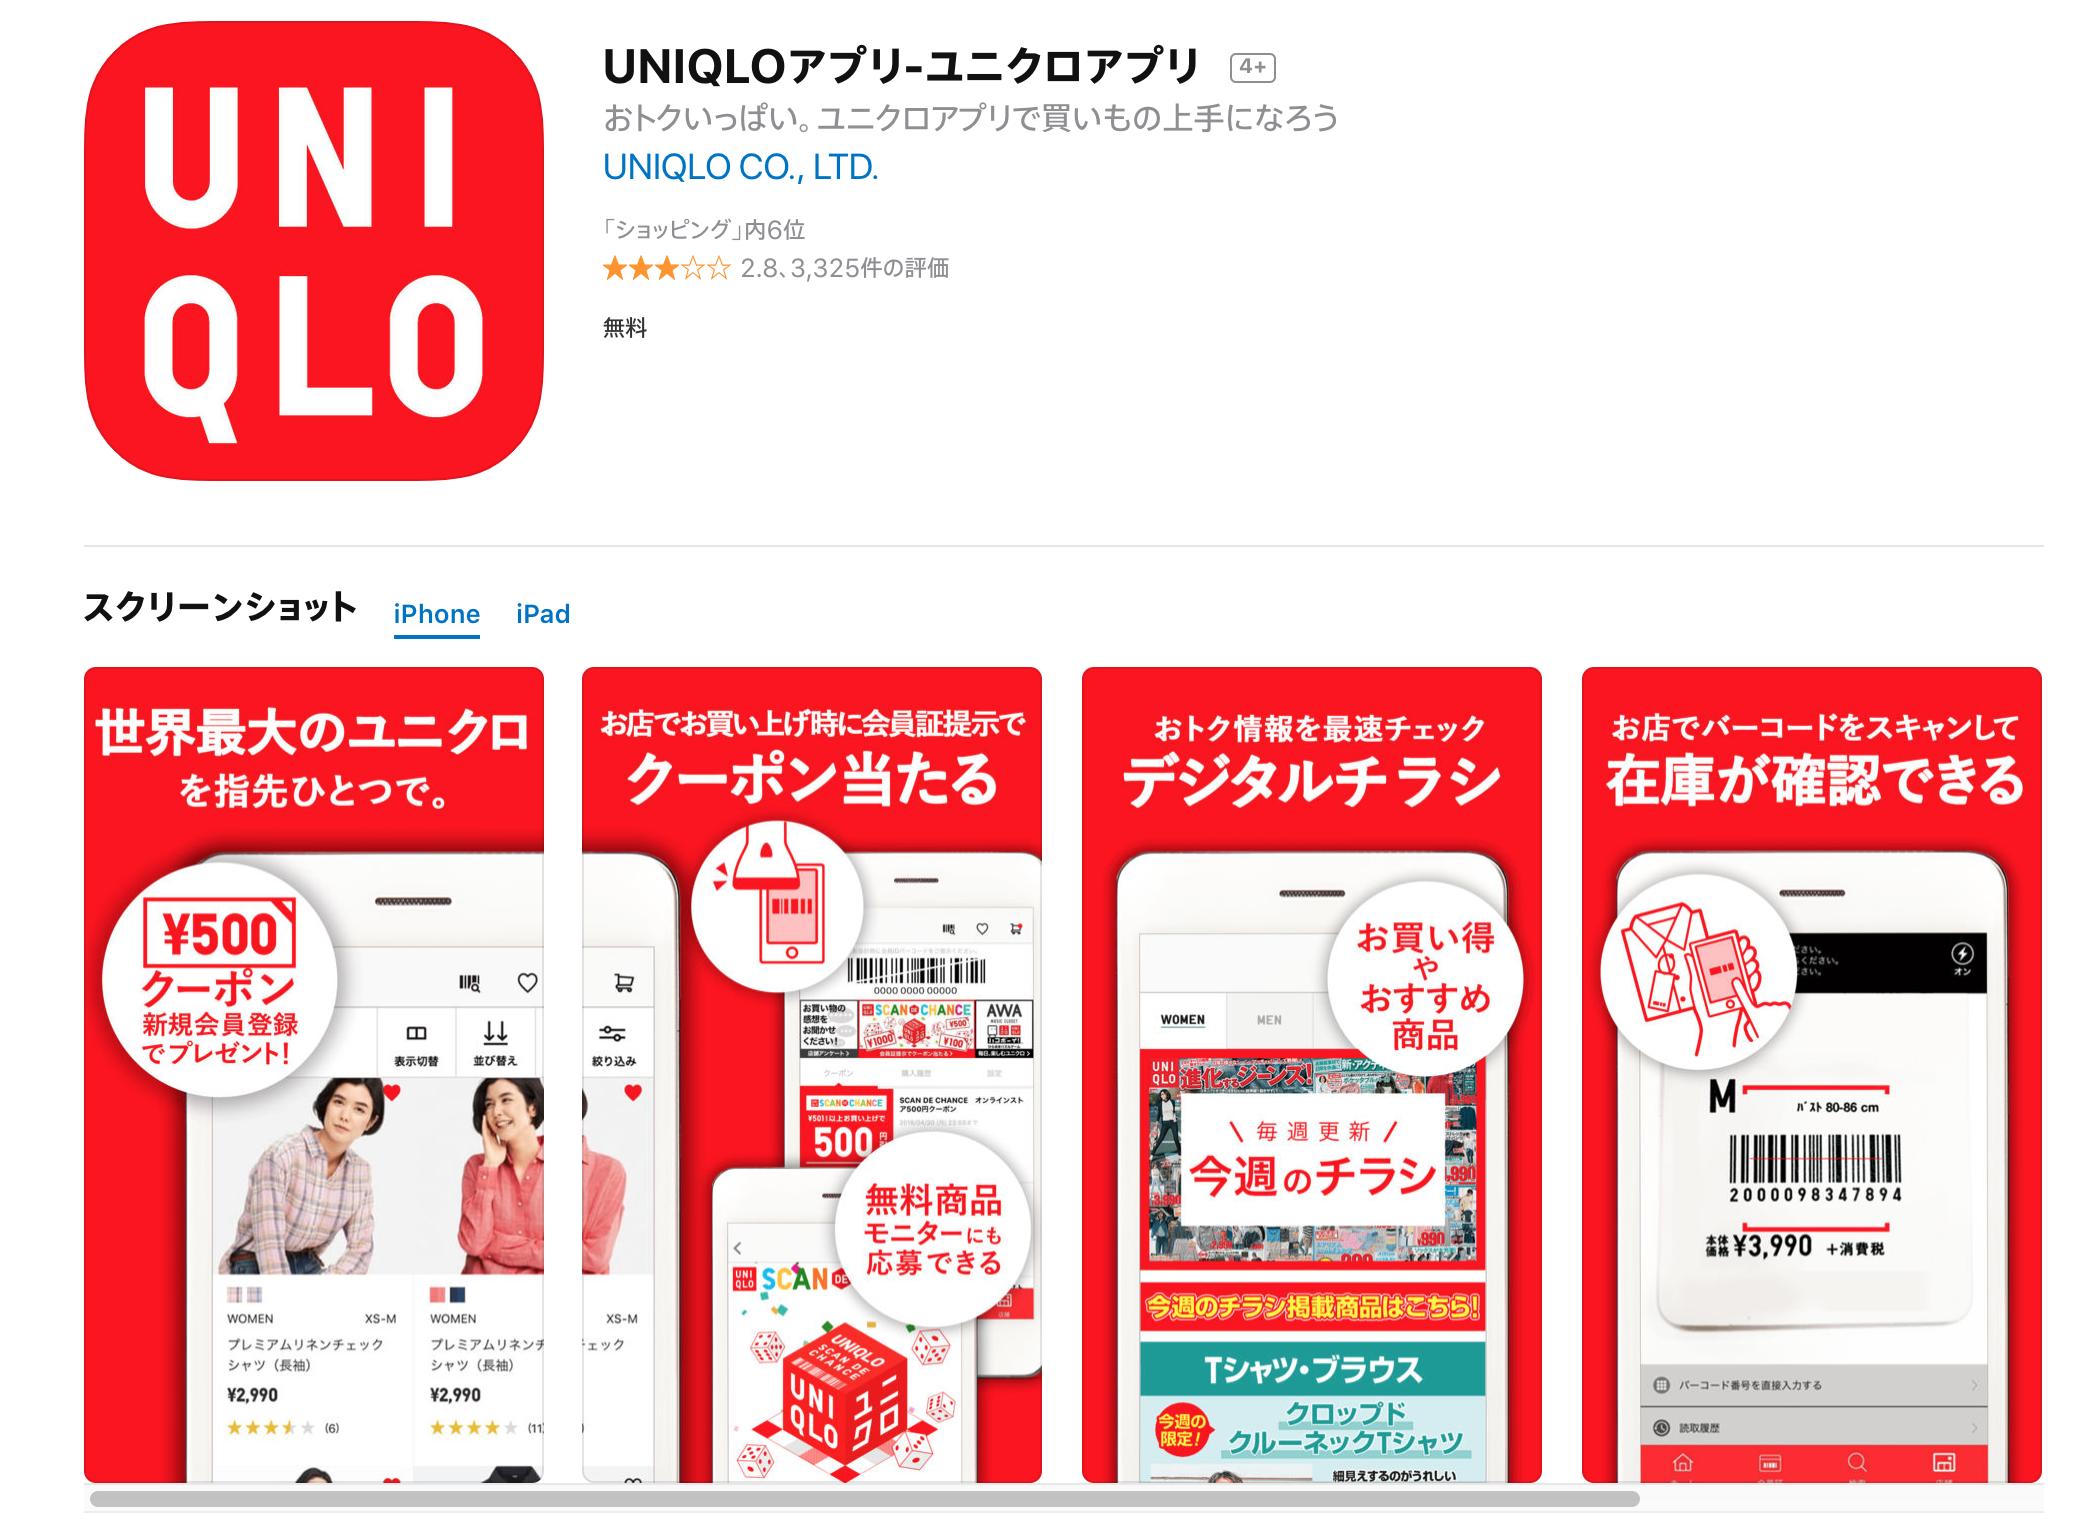 ULIQLOのiPhoneアプリの説明。